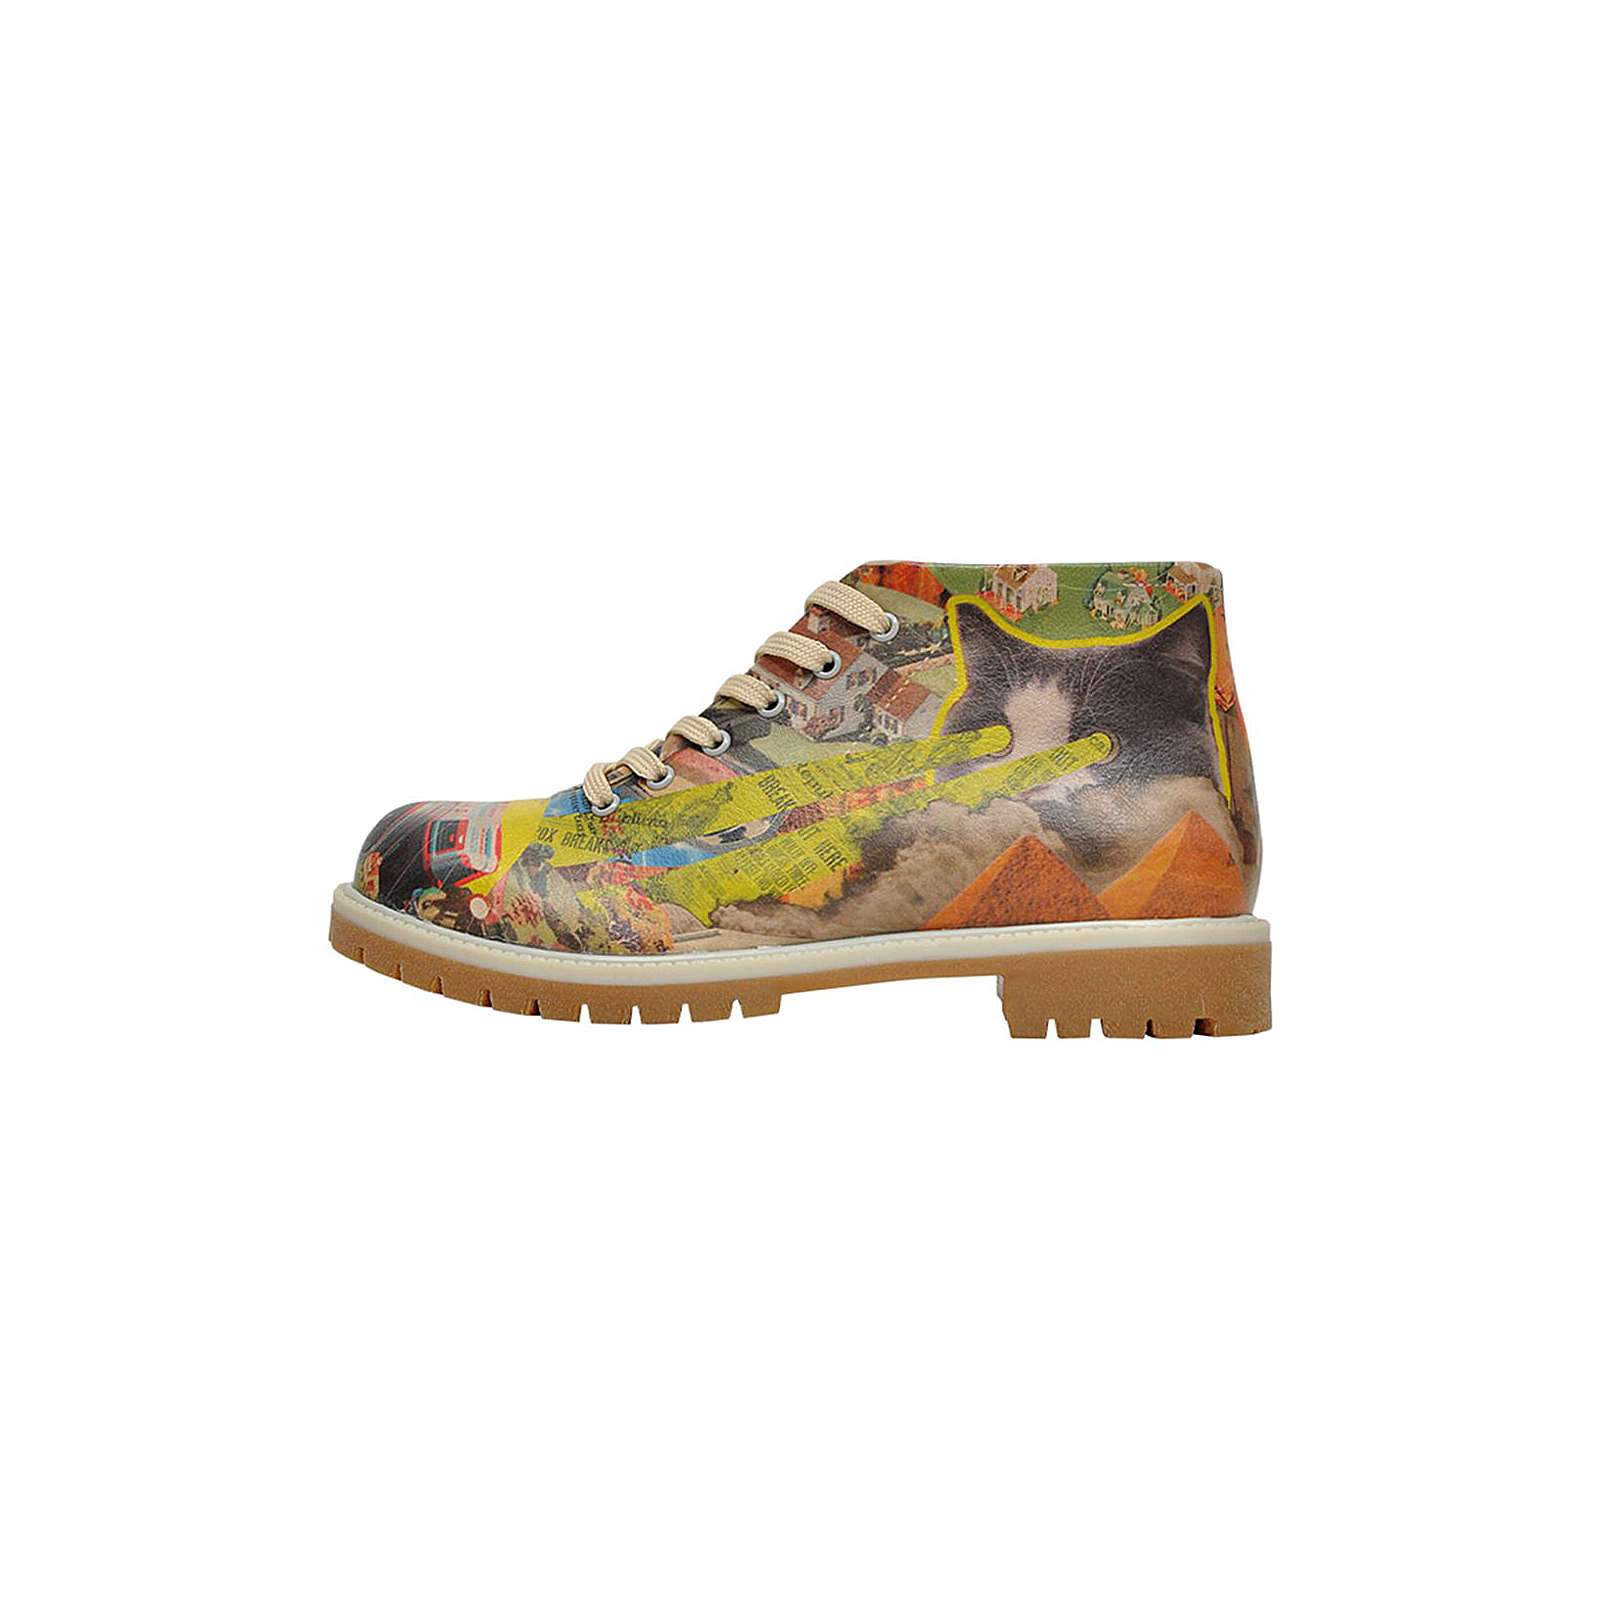 Dogo Shoes Short Boots Collage Schnürschuhe mehrfarbig Damen Gr. 38